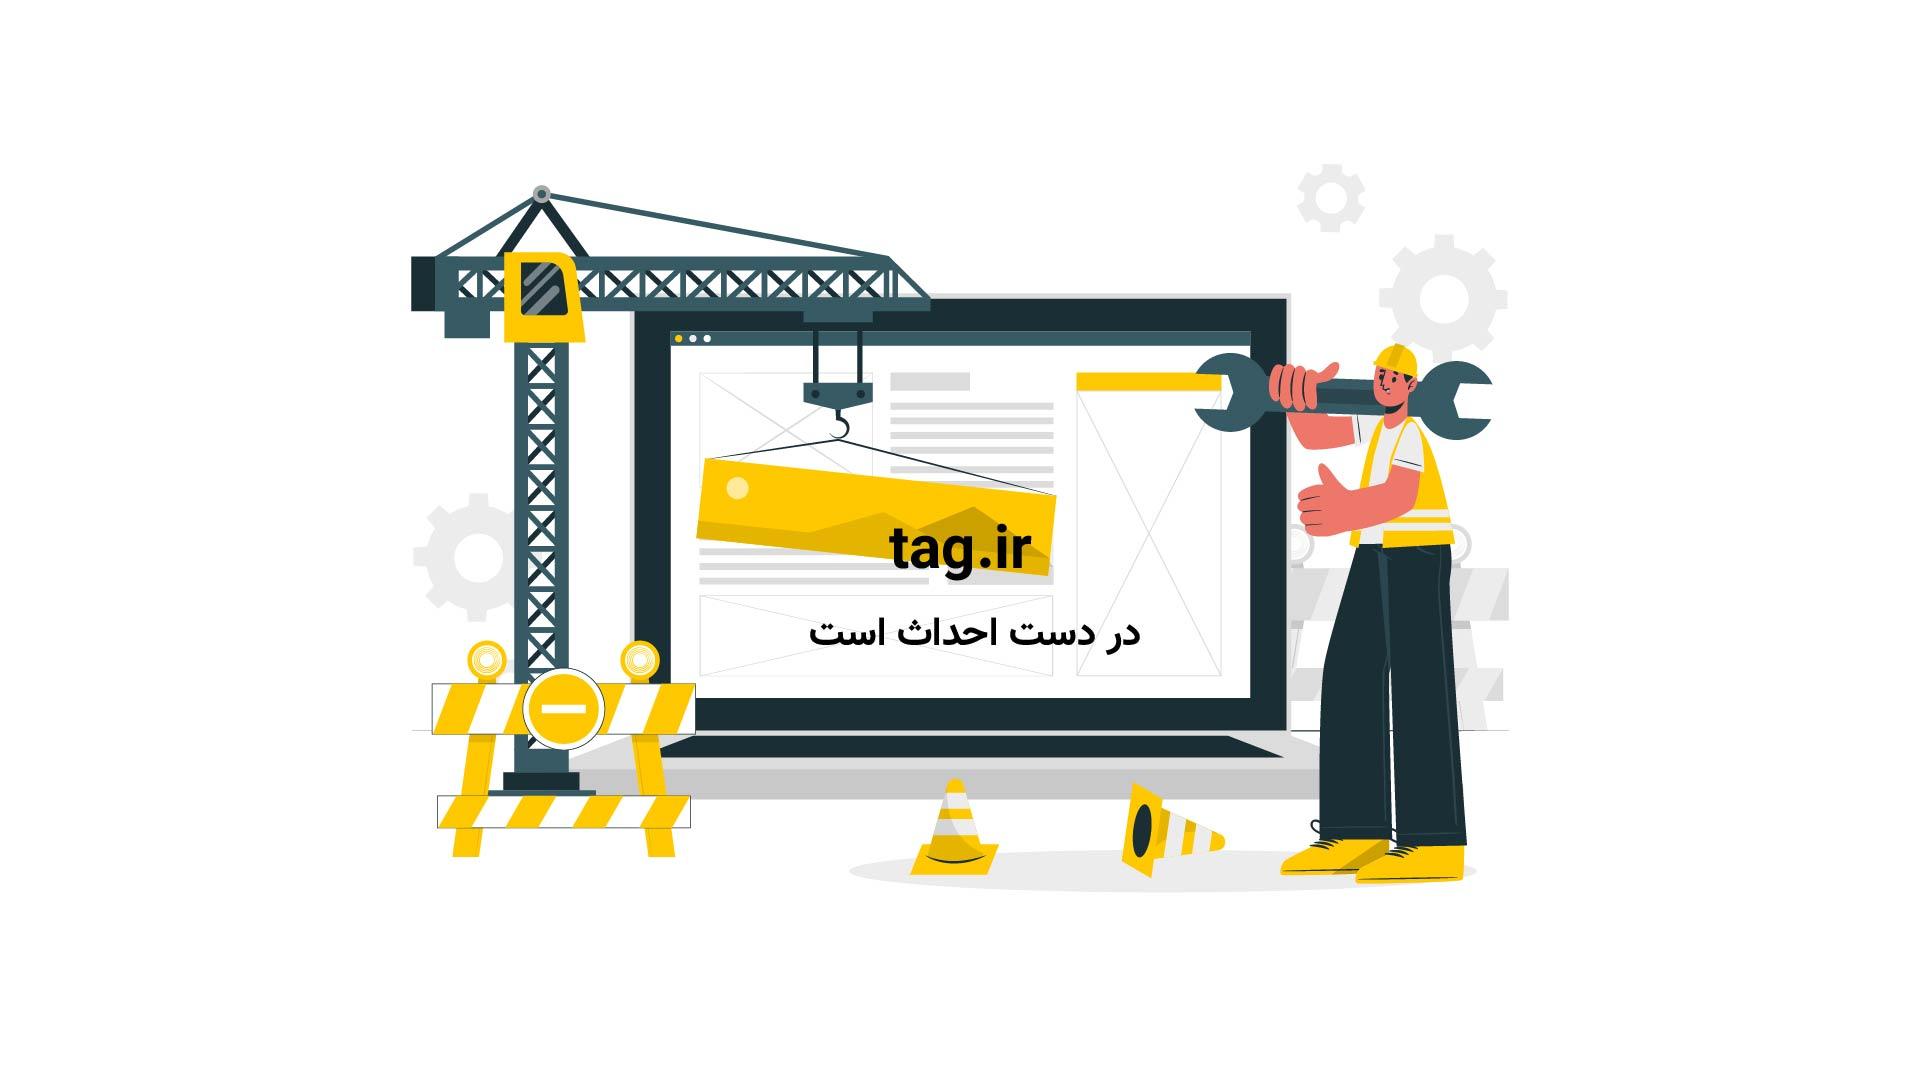 دعای روز شانزدهم ماه رمضان | تگ